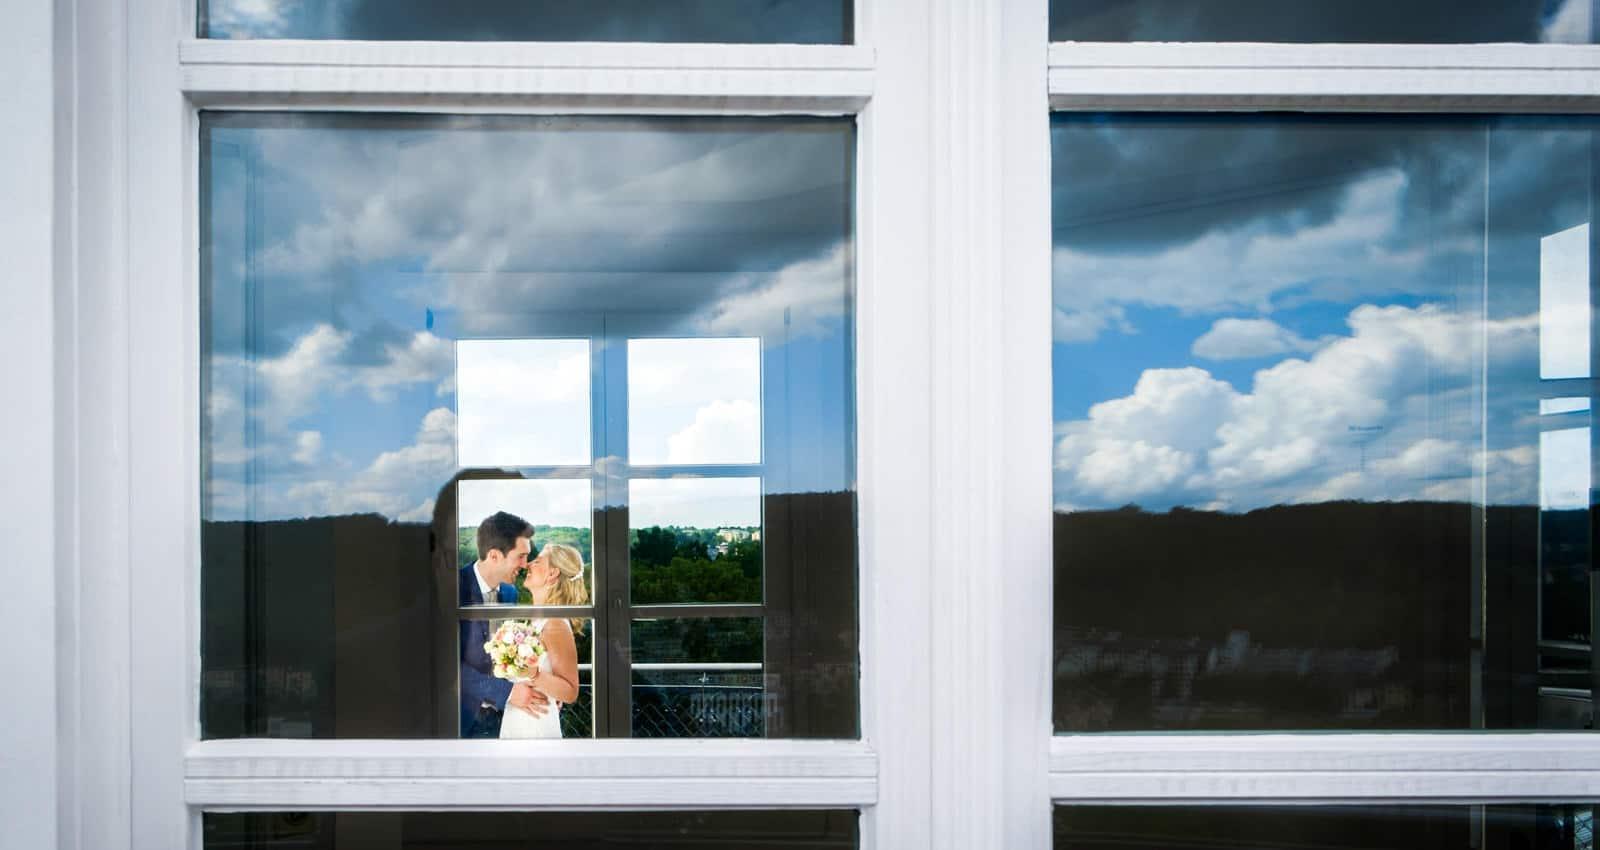 Hochzeitsfotograf Koeln - Portrait durch Glasscheibe